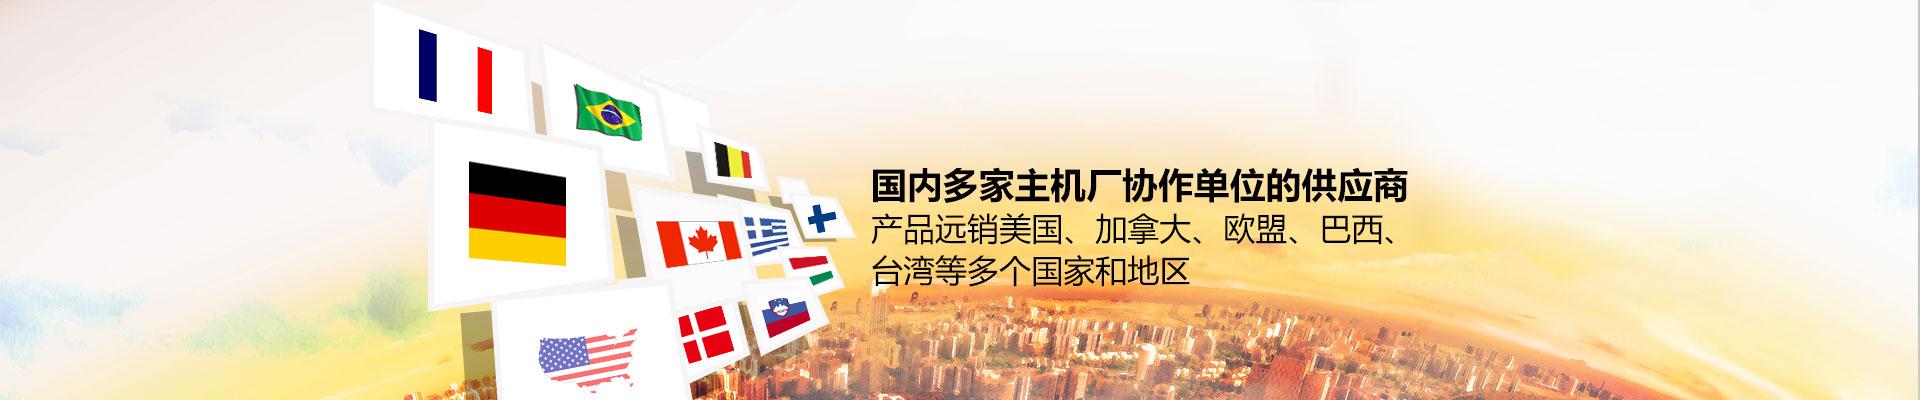 海川温控产品远销美国、加拿大、欧盟、巴西